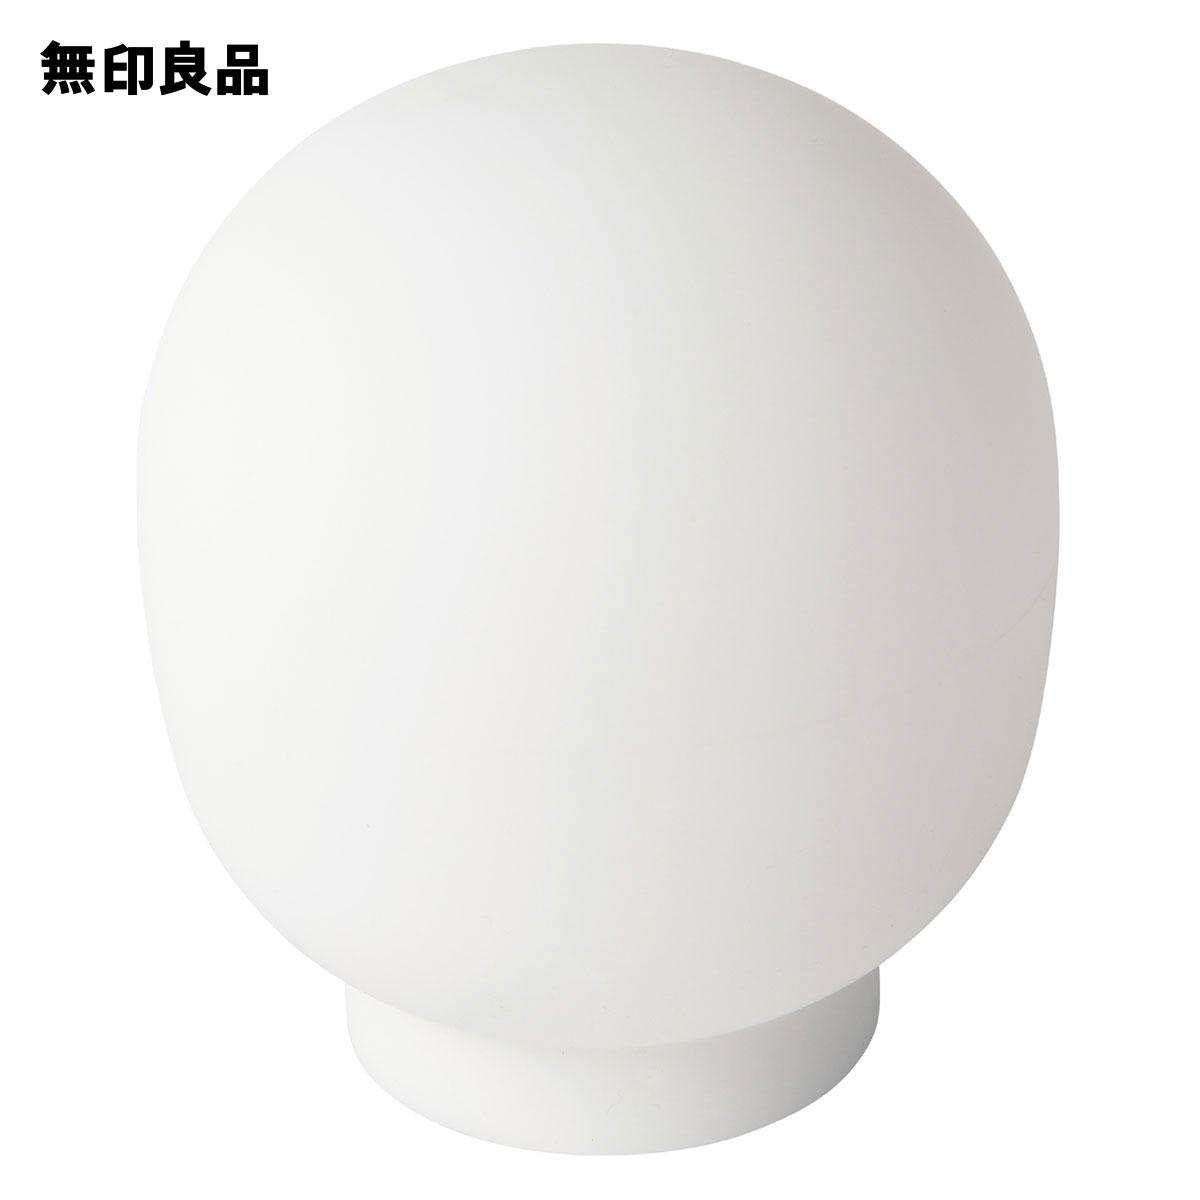 【無印良品 公式】 LEDシリコーンタイマーライト